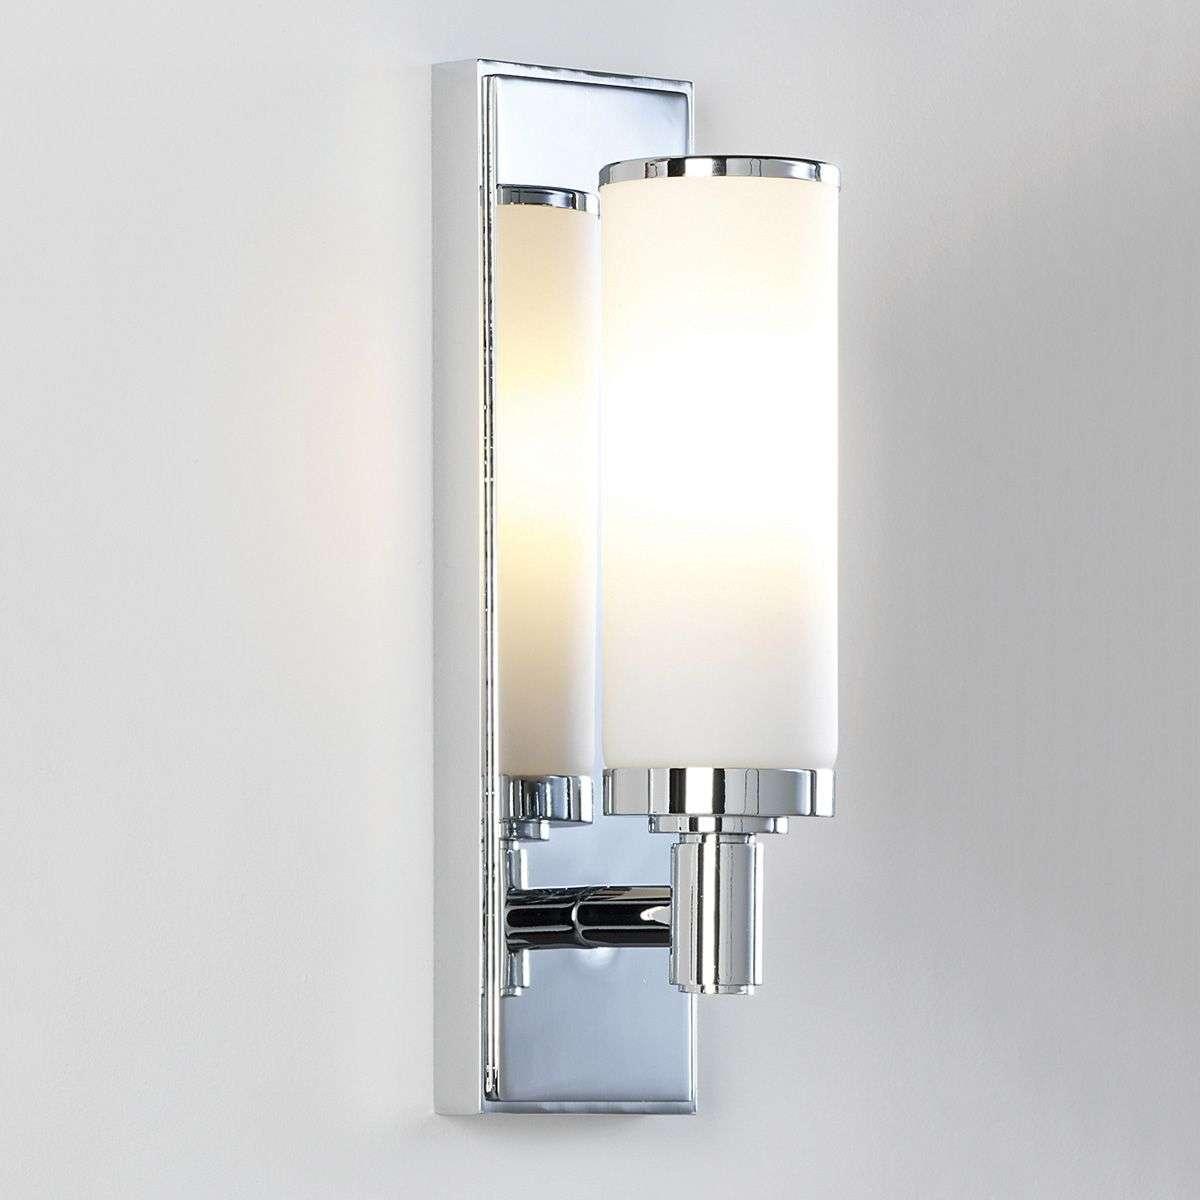 Verona Wall Light Elegant-1020016-32